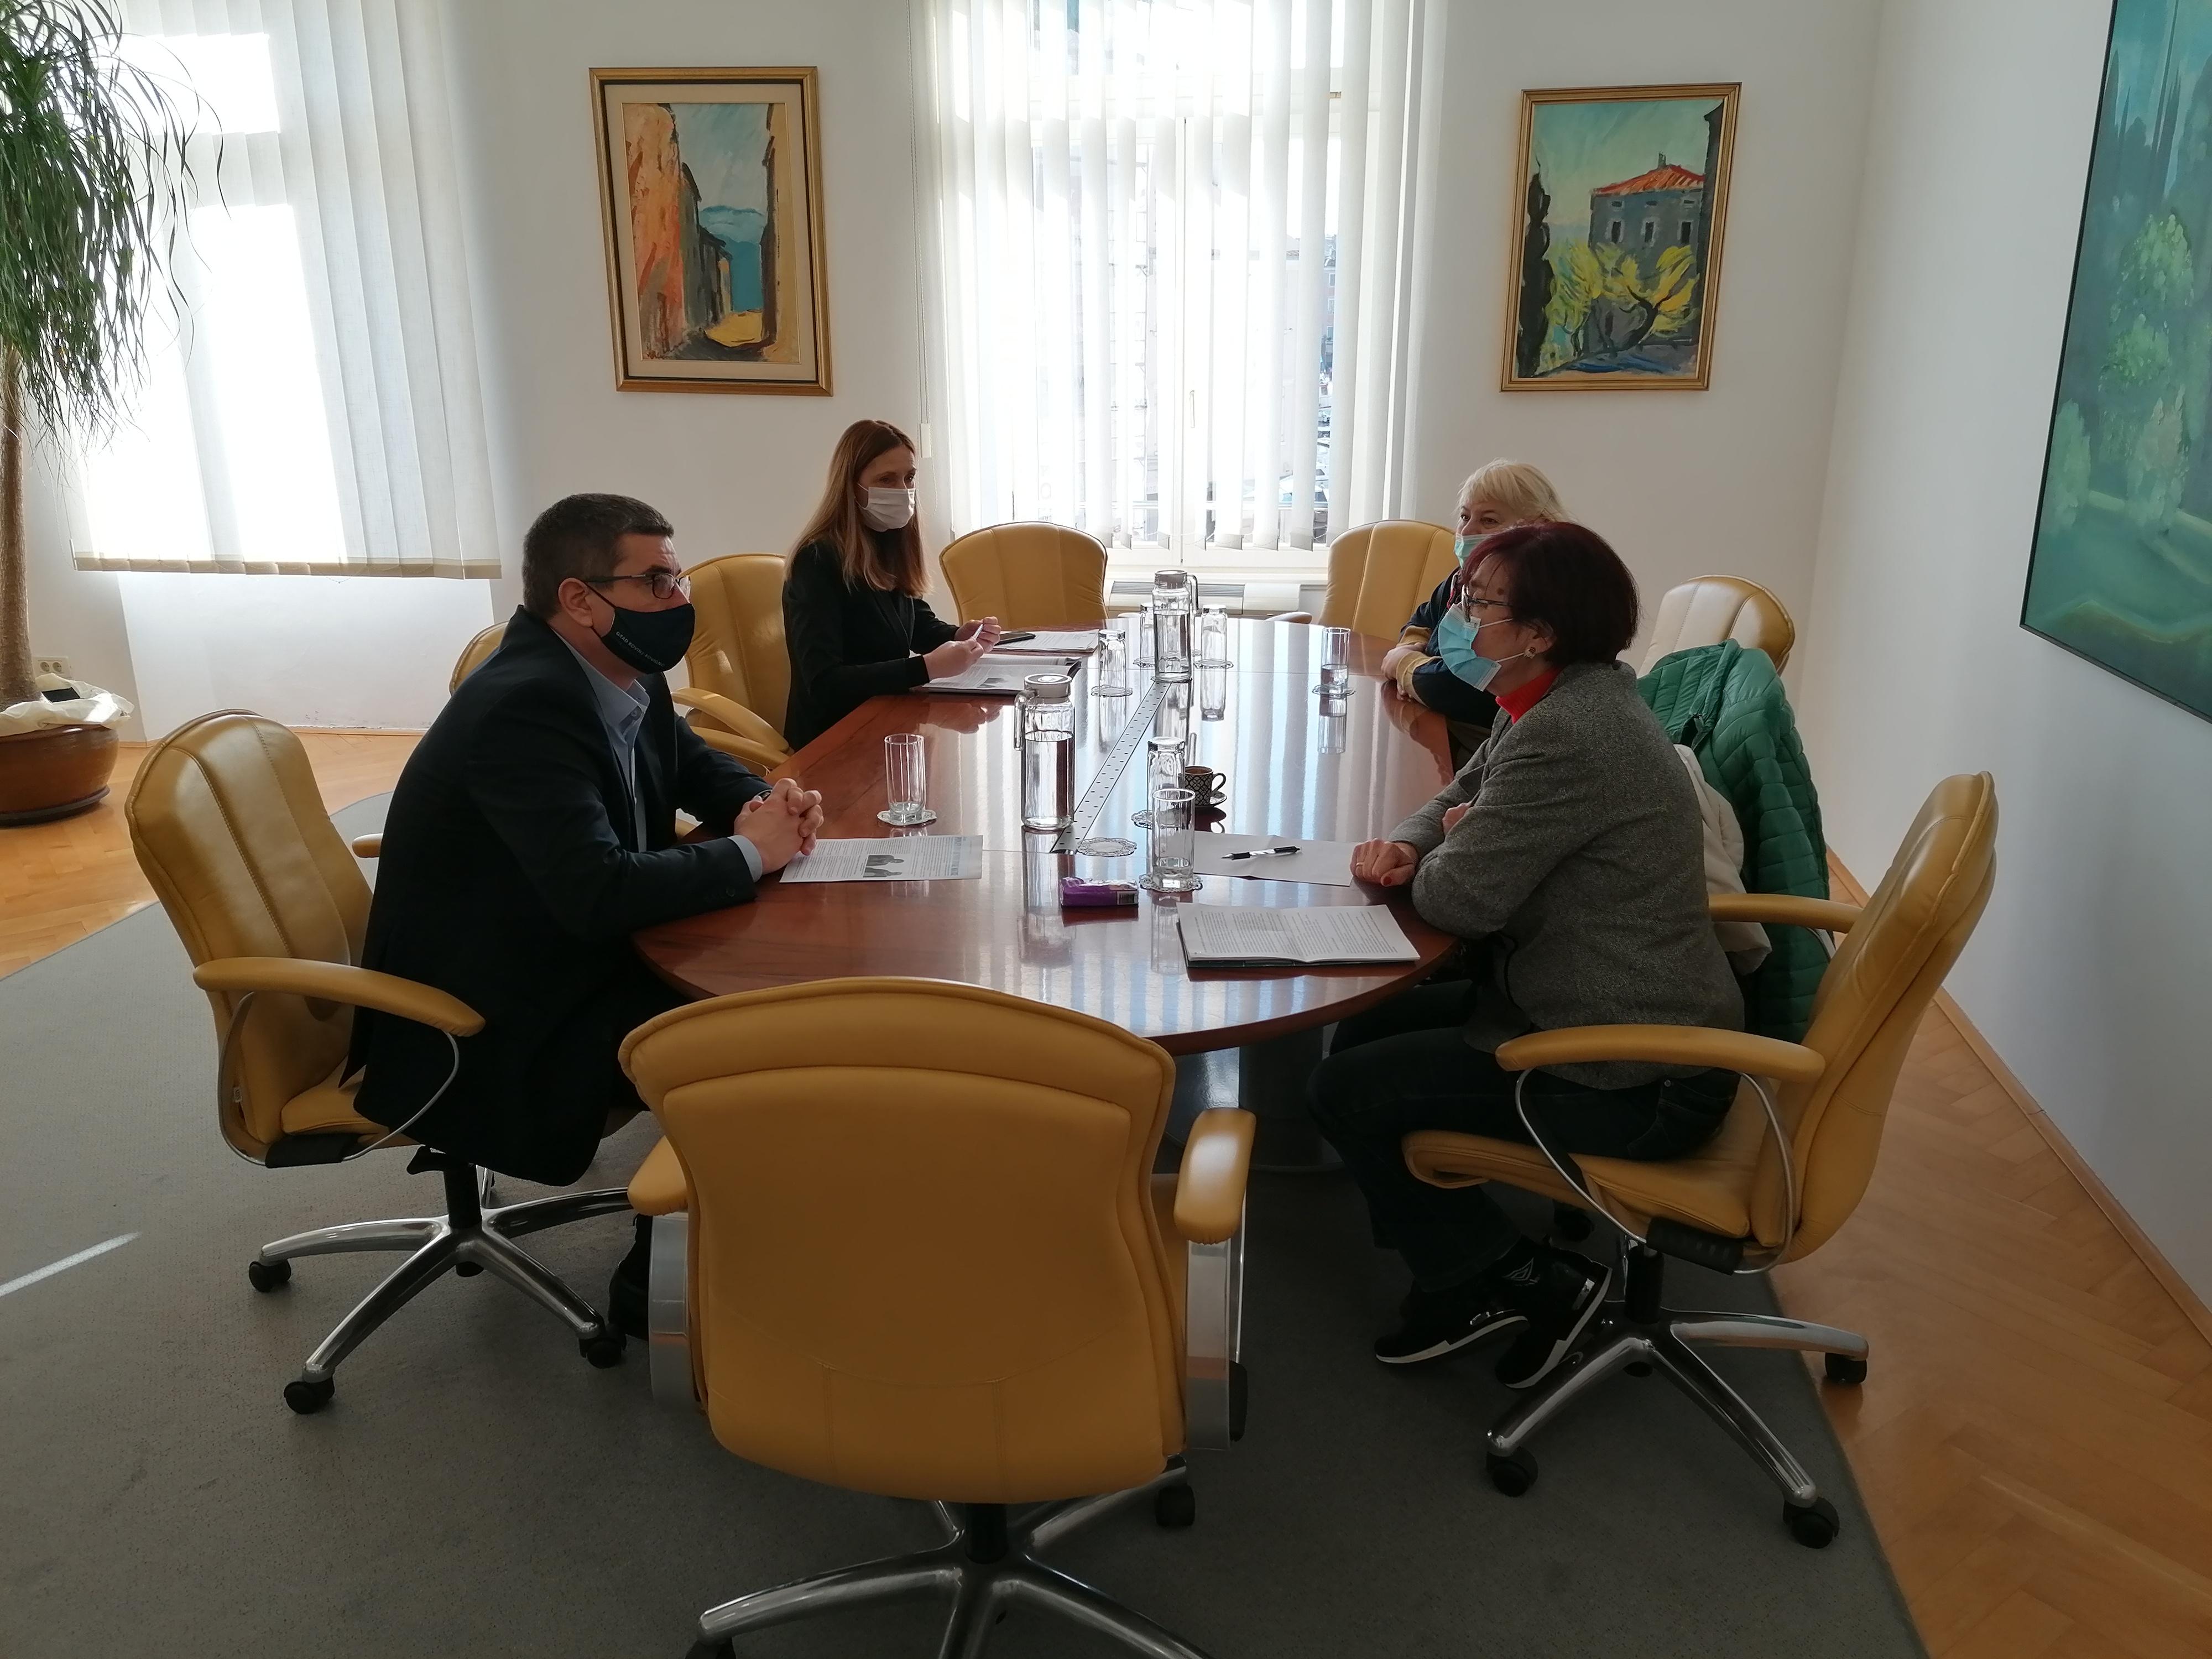 Il sindaco Marko Paliaga ha tenuto l'incontro con le rappresentanti dell'Associazione dei pensionati